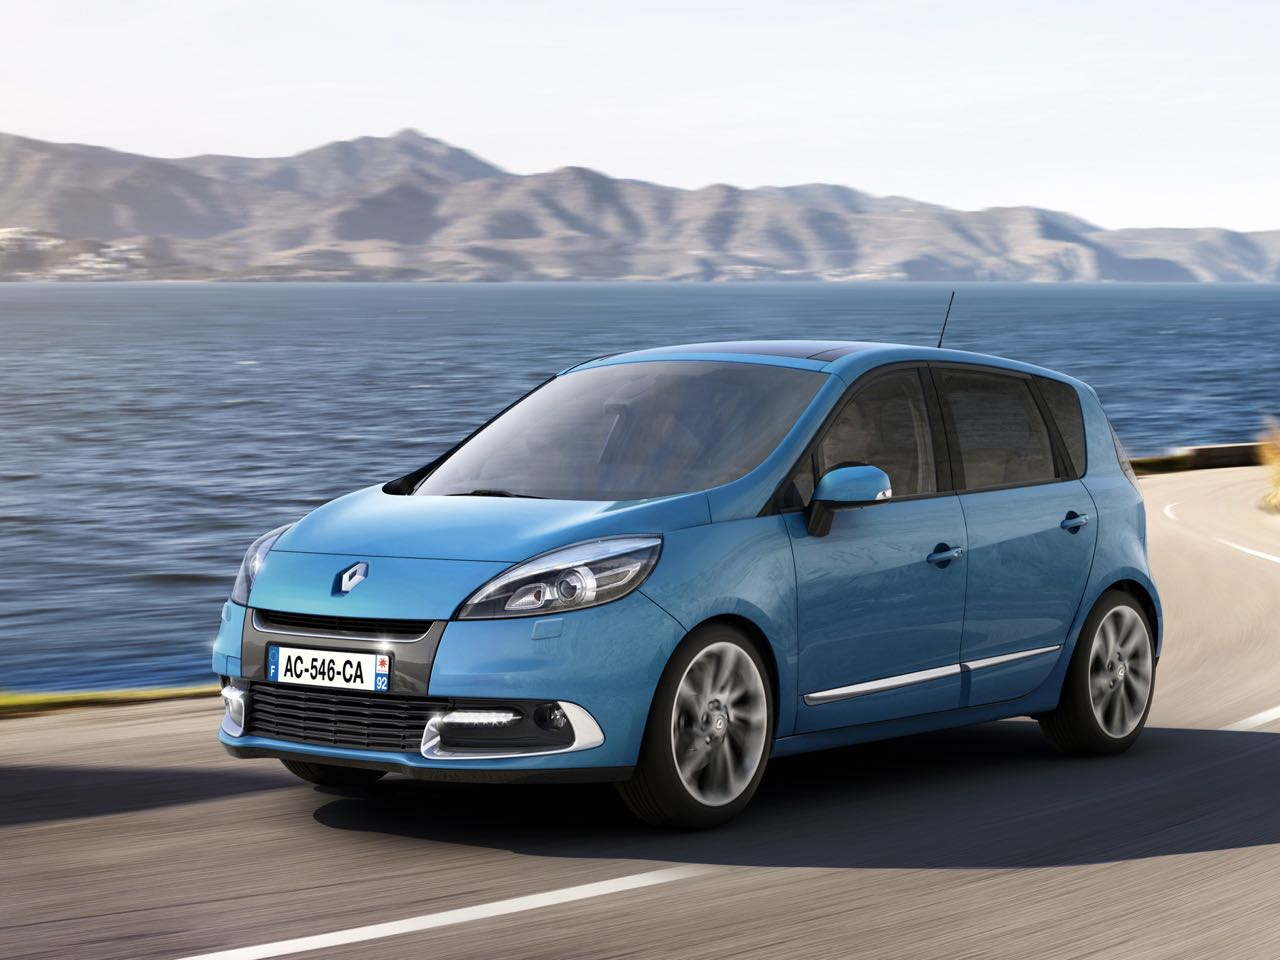 Renault Scenic 2012 – 5